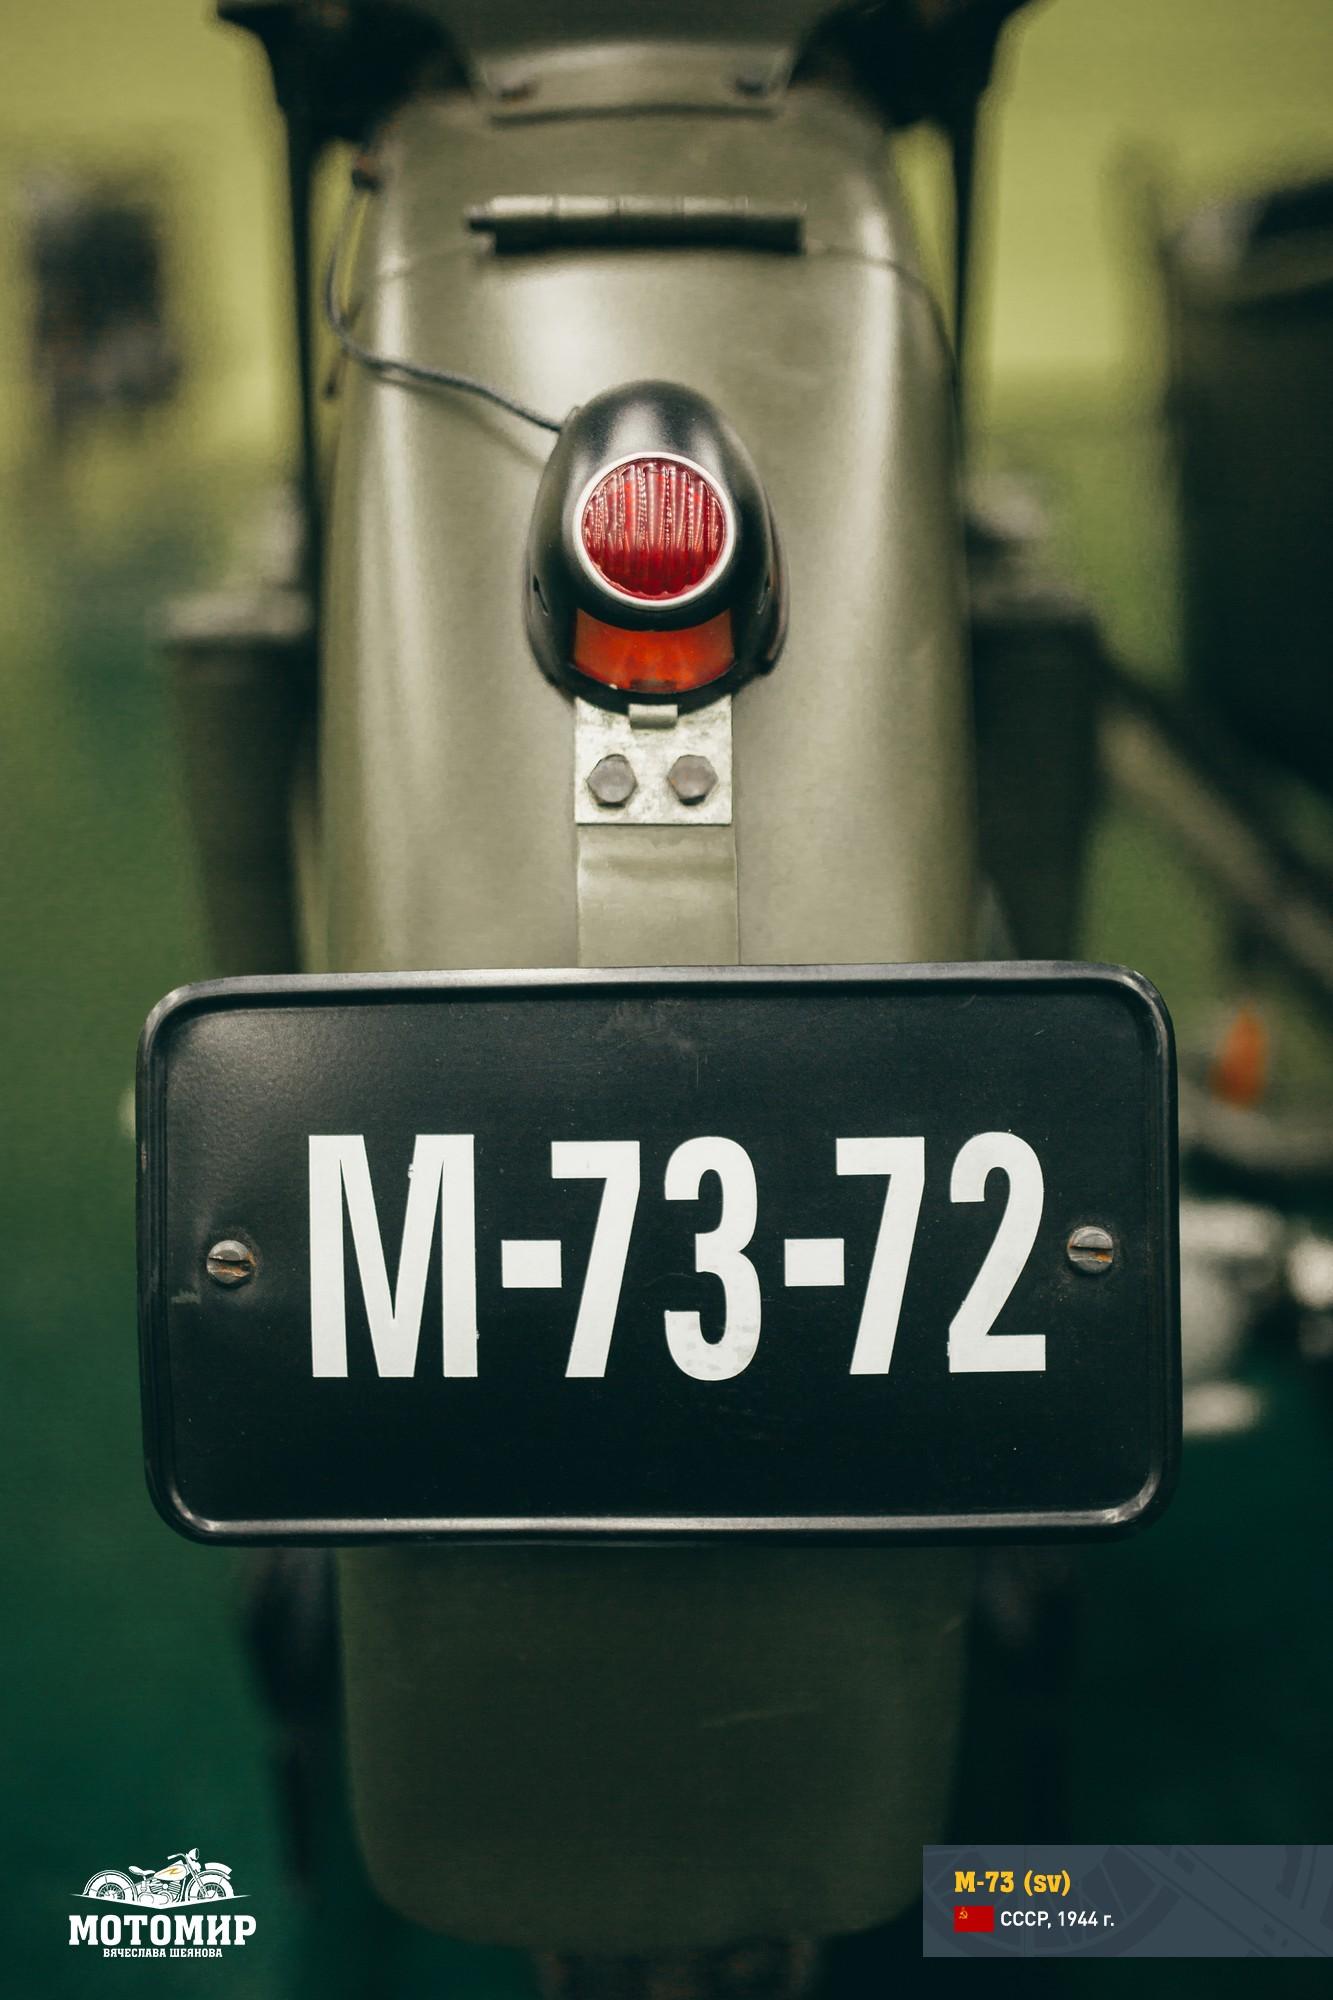 m-73-72-201512-web-19